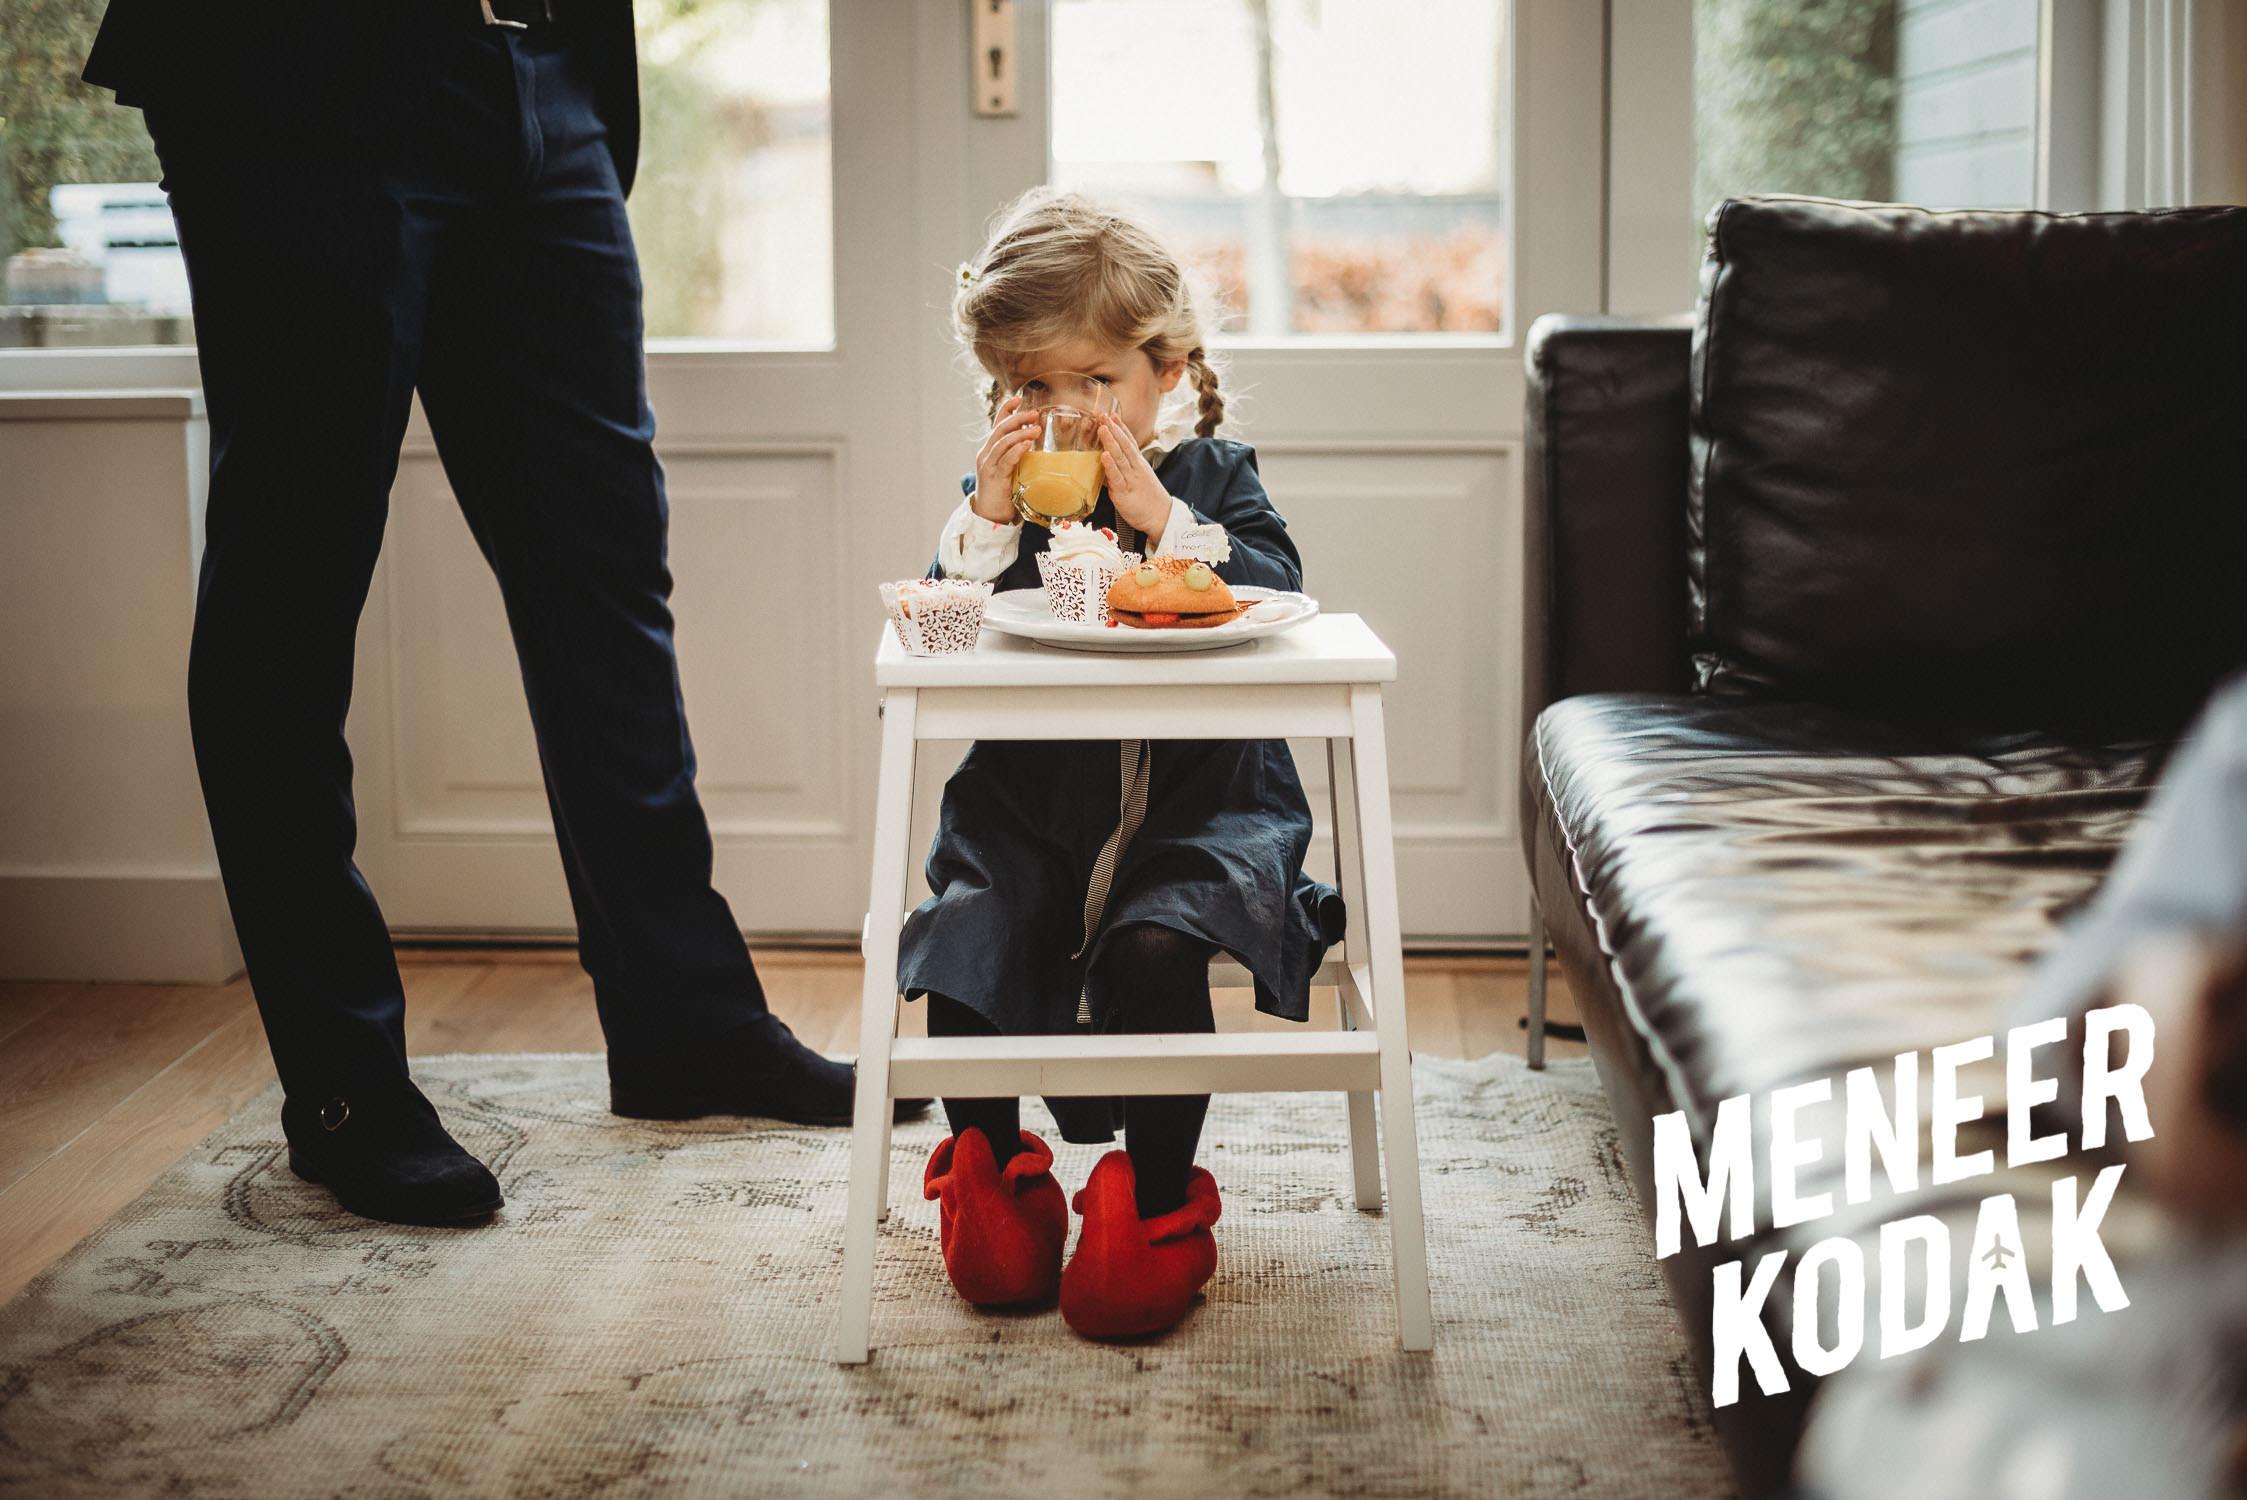 Meneer Kodak - Bruidsfotograaf - Breda - S&R-070.jpg